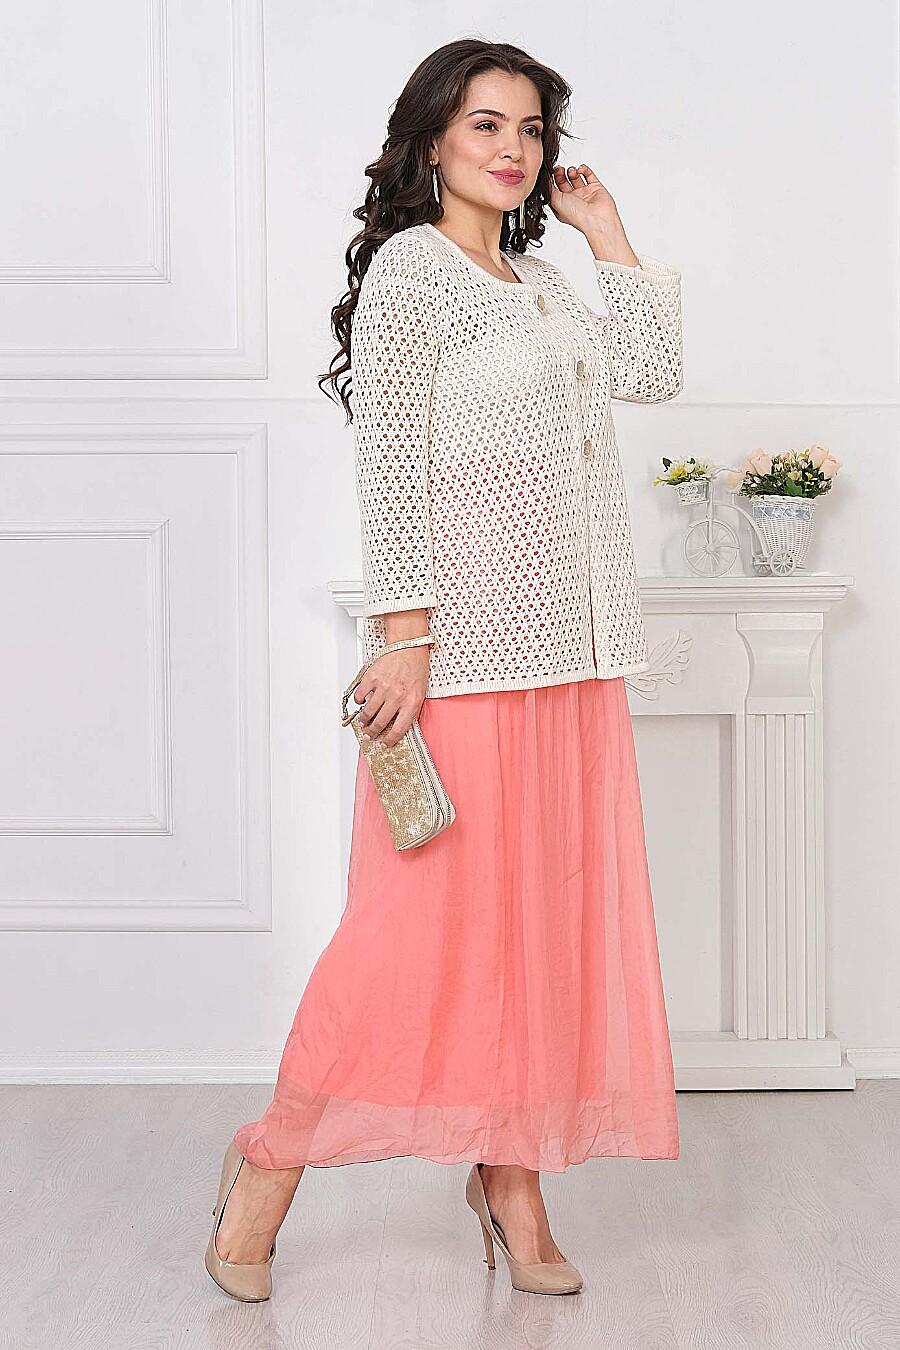 Жакет для женщин ANKOLI 205344 купить оптом от производителя. Совместная покупка женской одежды в OptMoyo